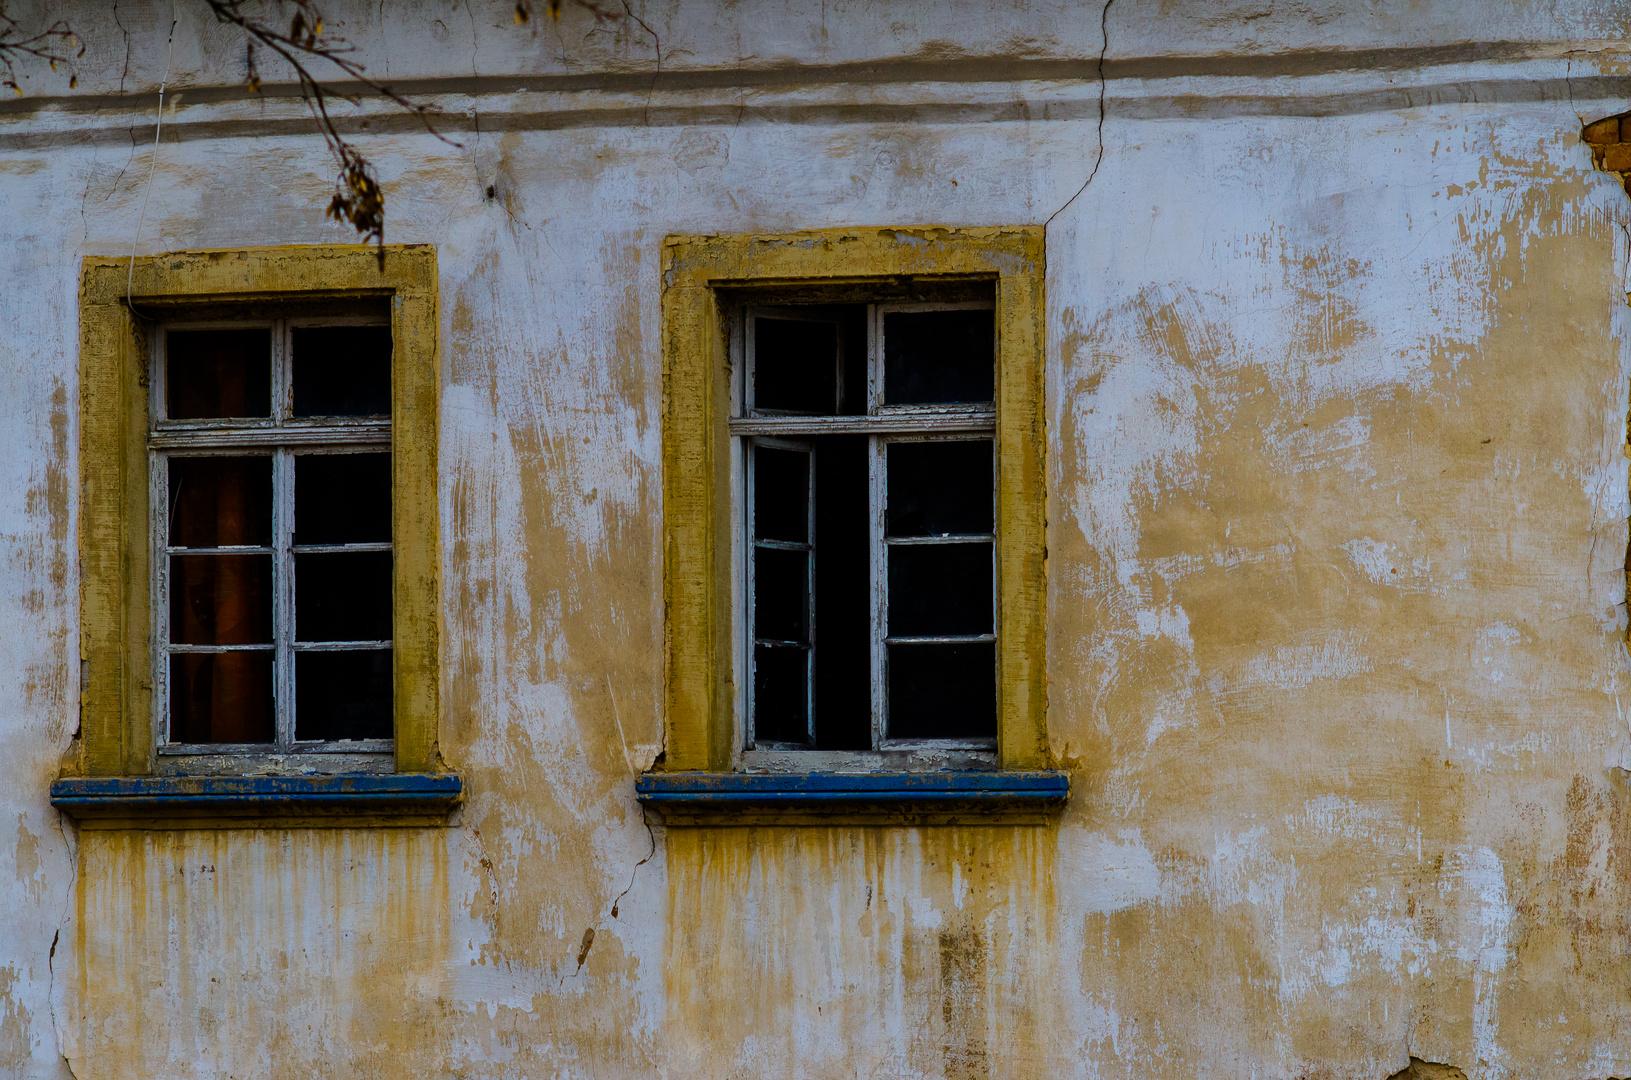 Leere Fenster